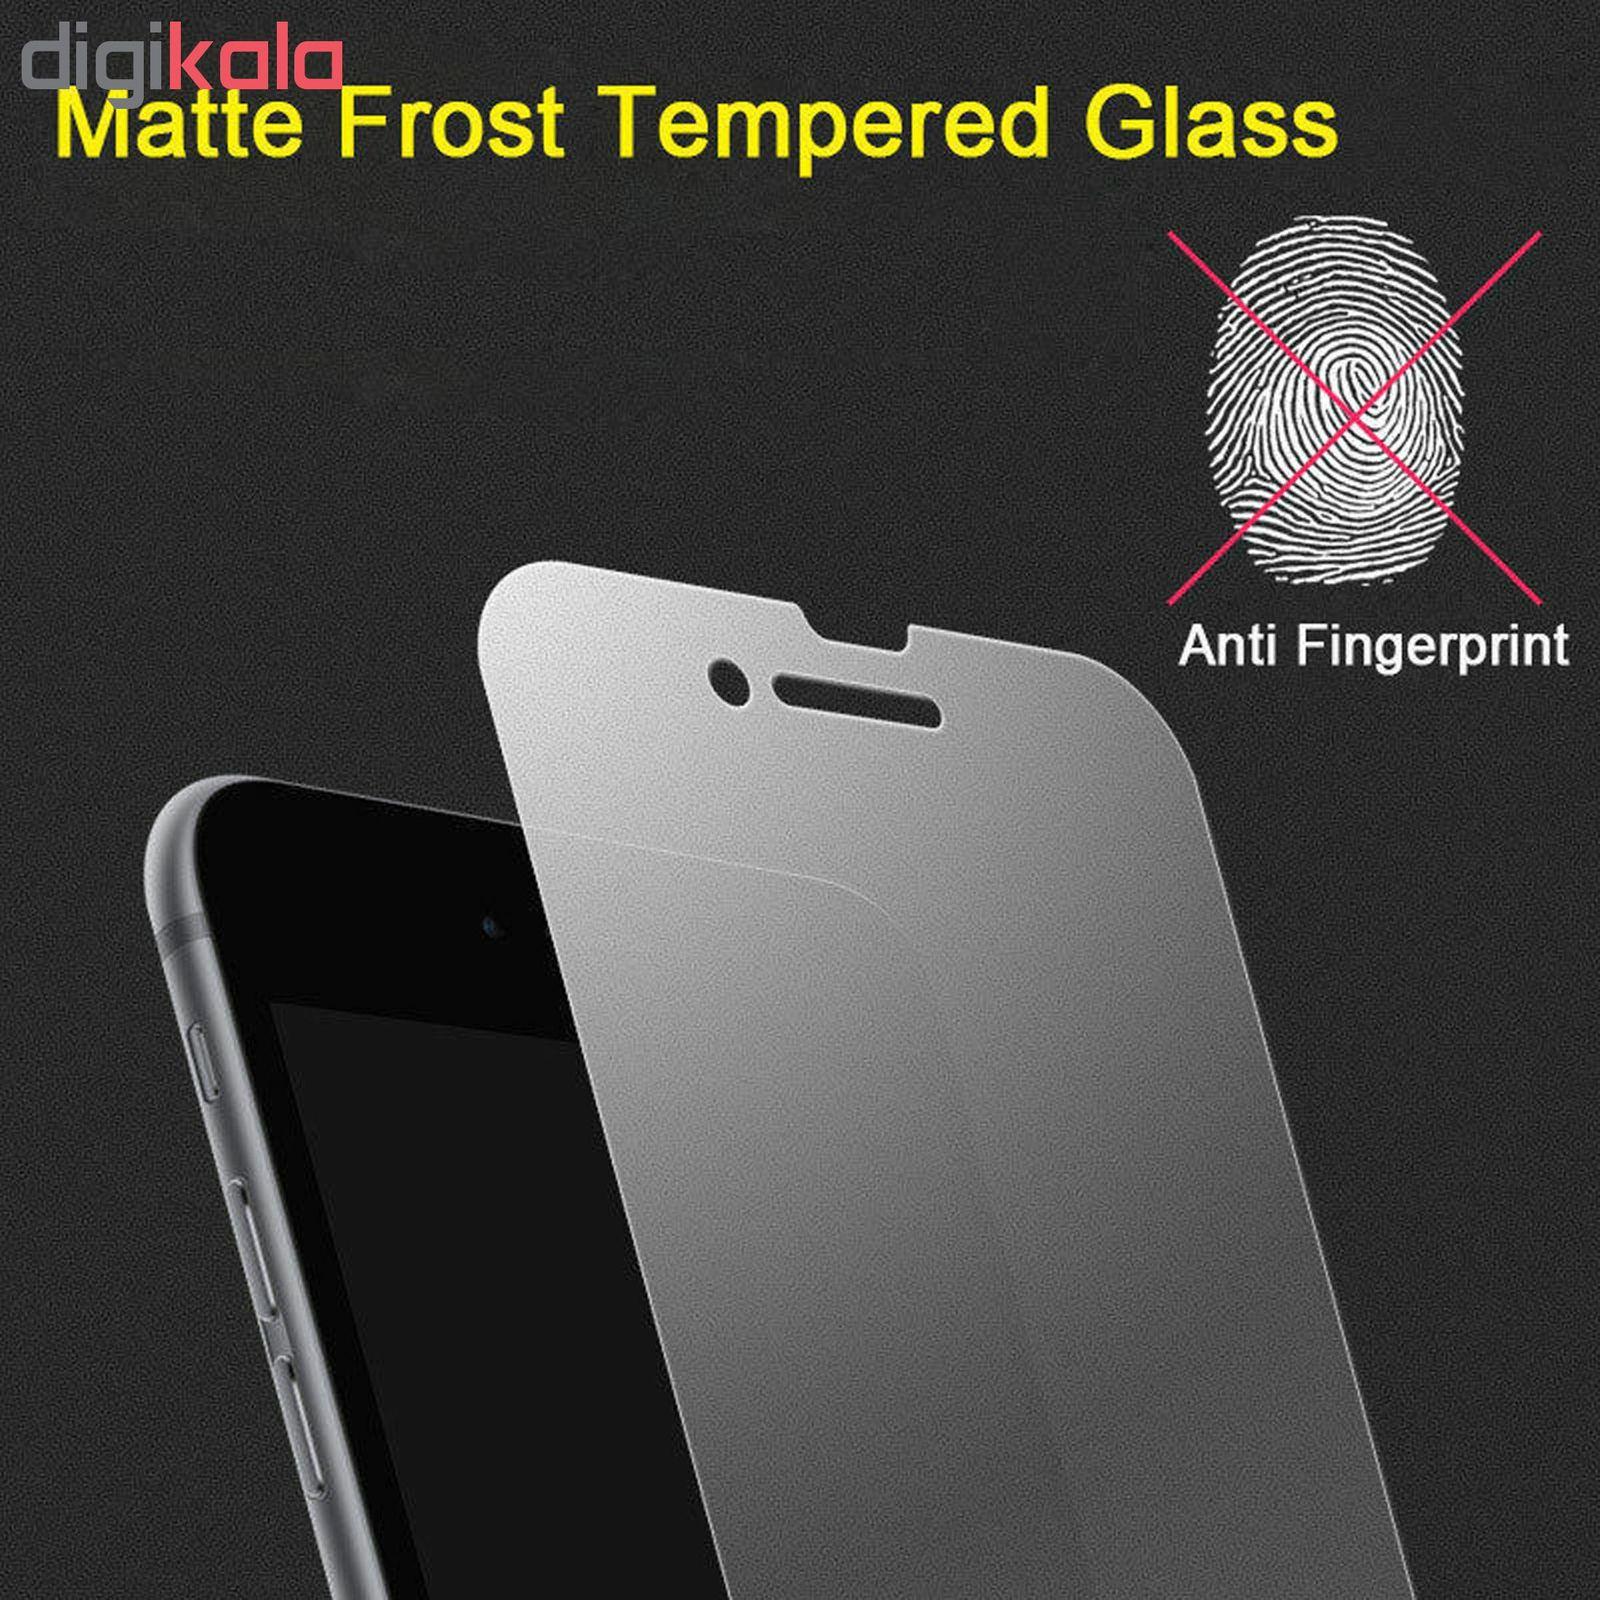 محافظ صفحه نمایش و پشت گوشی مدل Tm-01 مناسب برای گوشی موبایل اپل Iphone 6/ 6s main 1 3